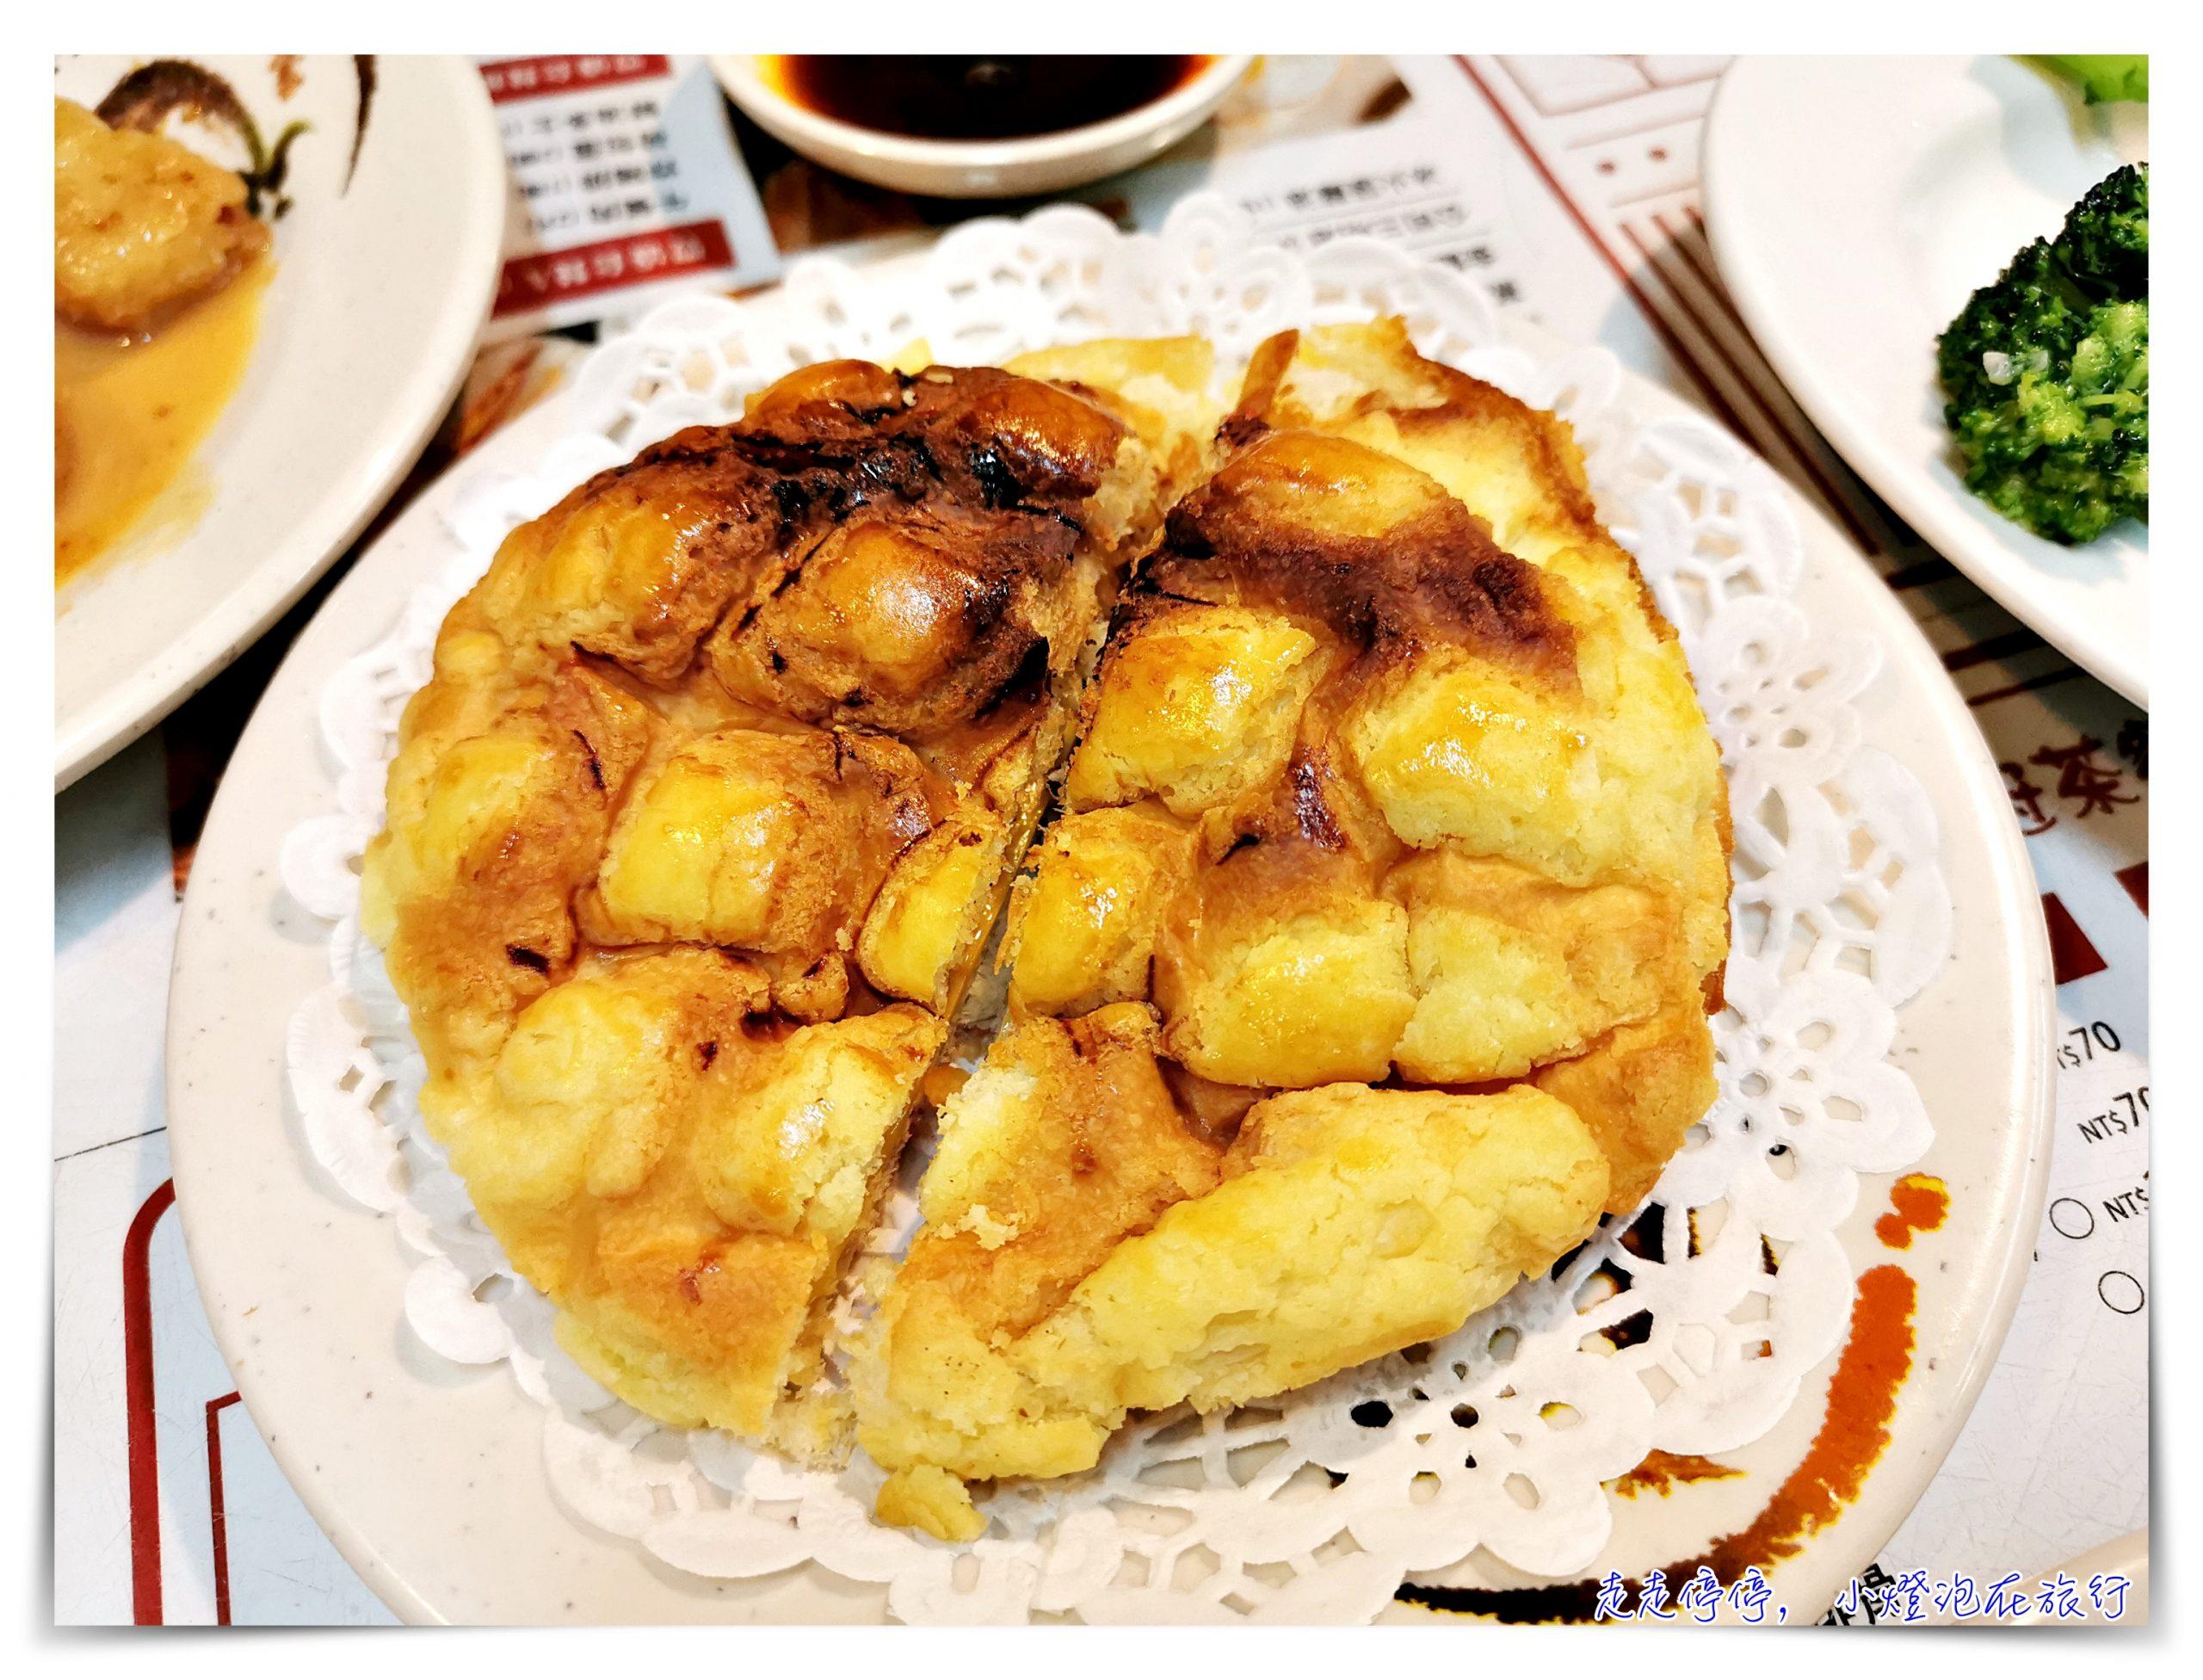 台北中山區餐廳,中山國中站鳳城燒臘榮冠茶餐廳|平價茶餐廳好喝絲襪奶茶、煎腸粉、優惠套券